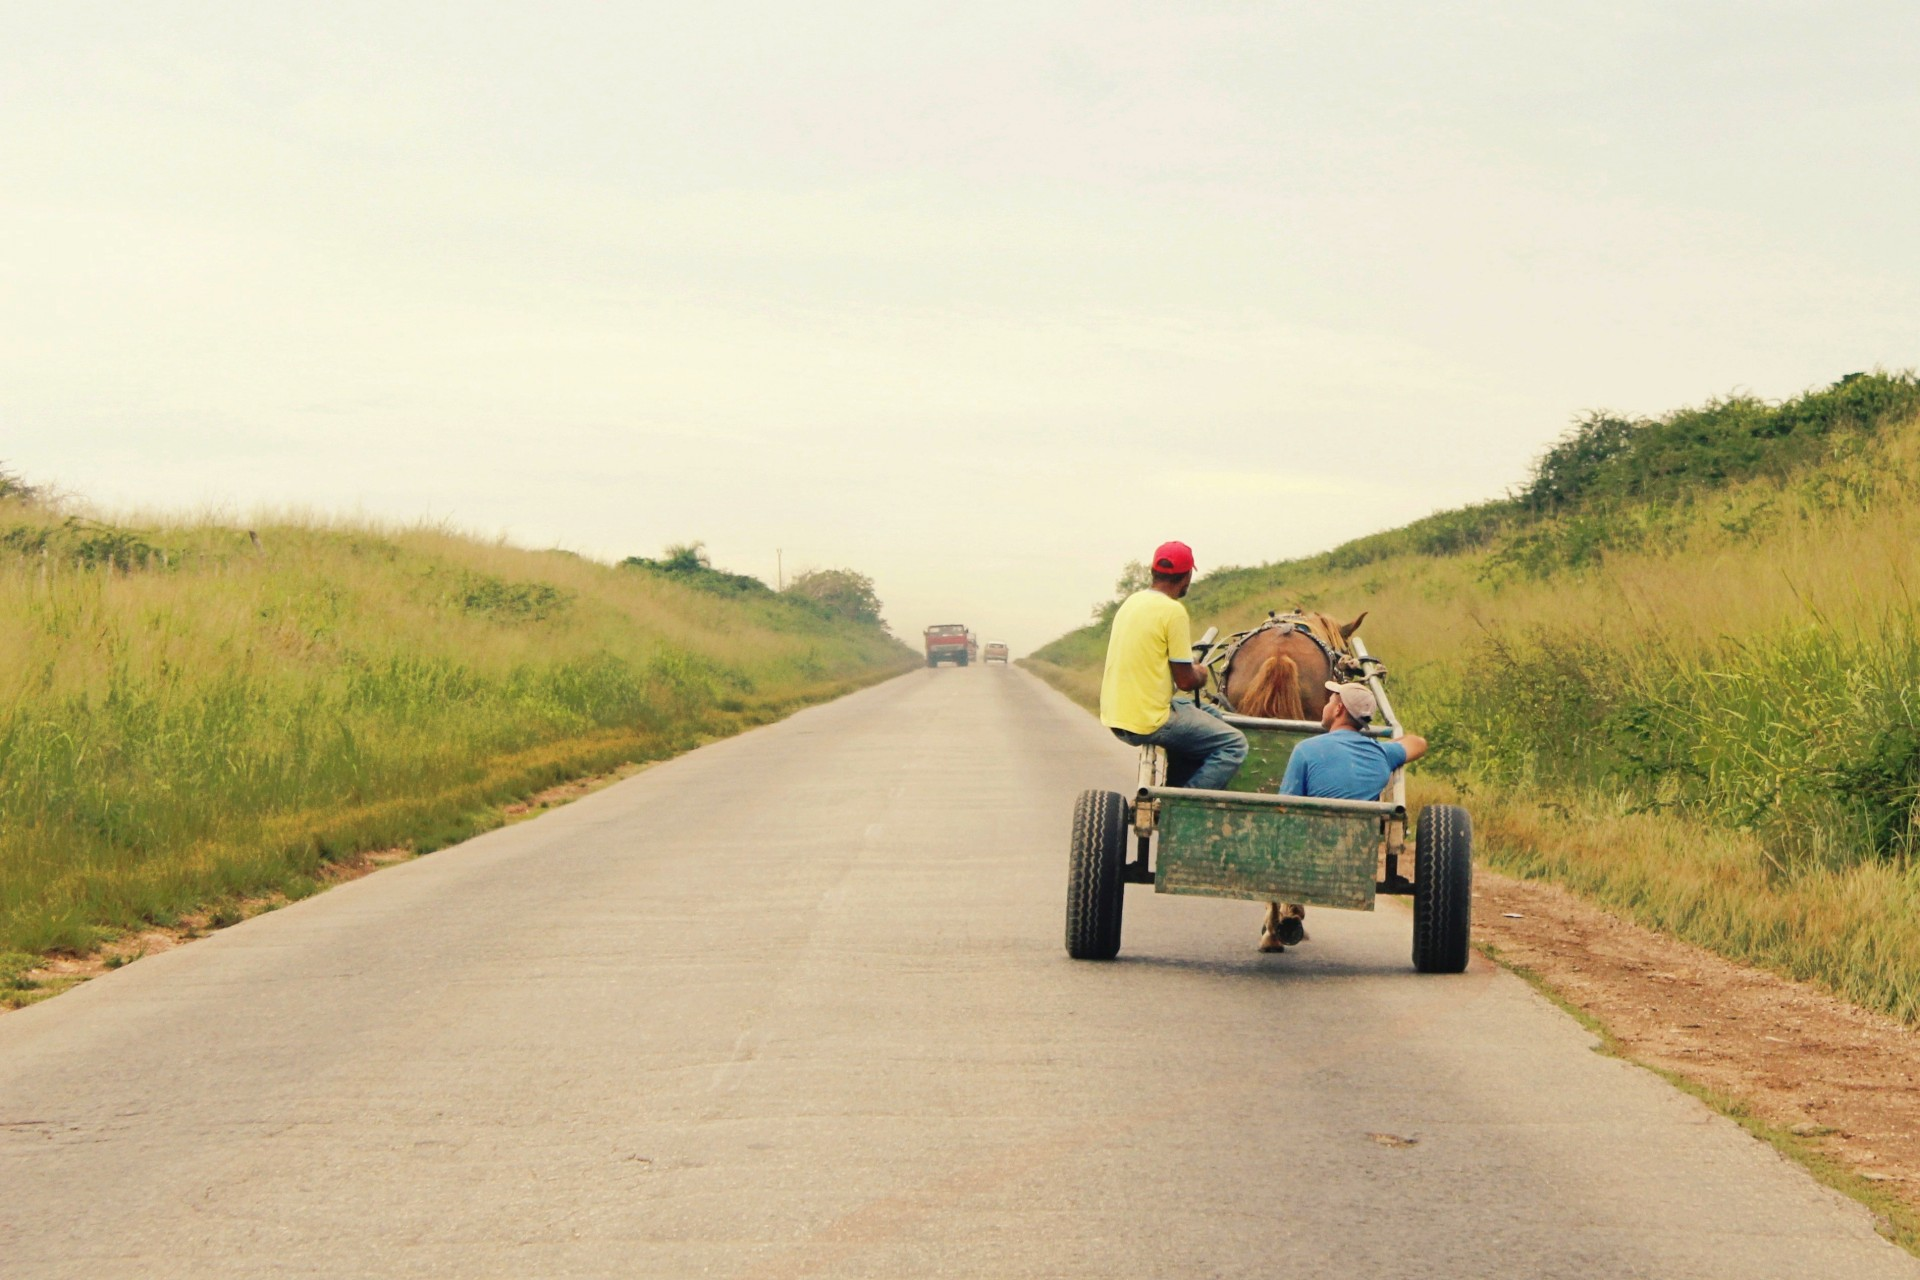 veraKoh. About Cuba